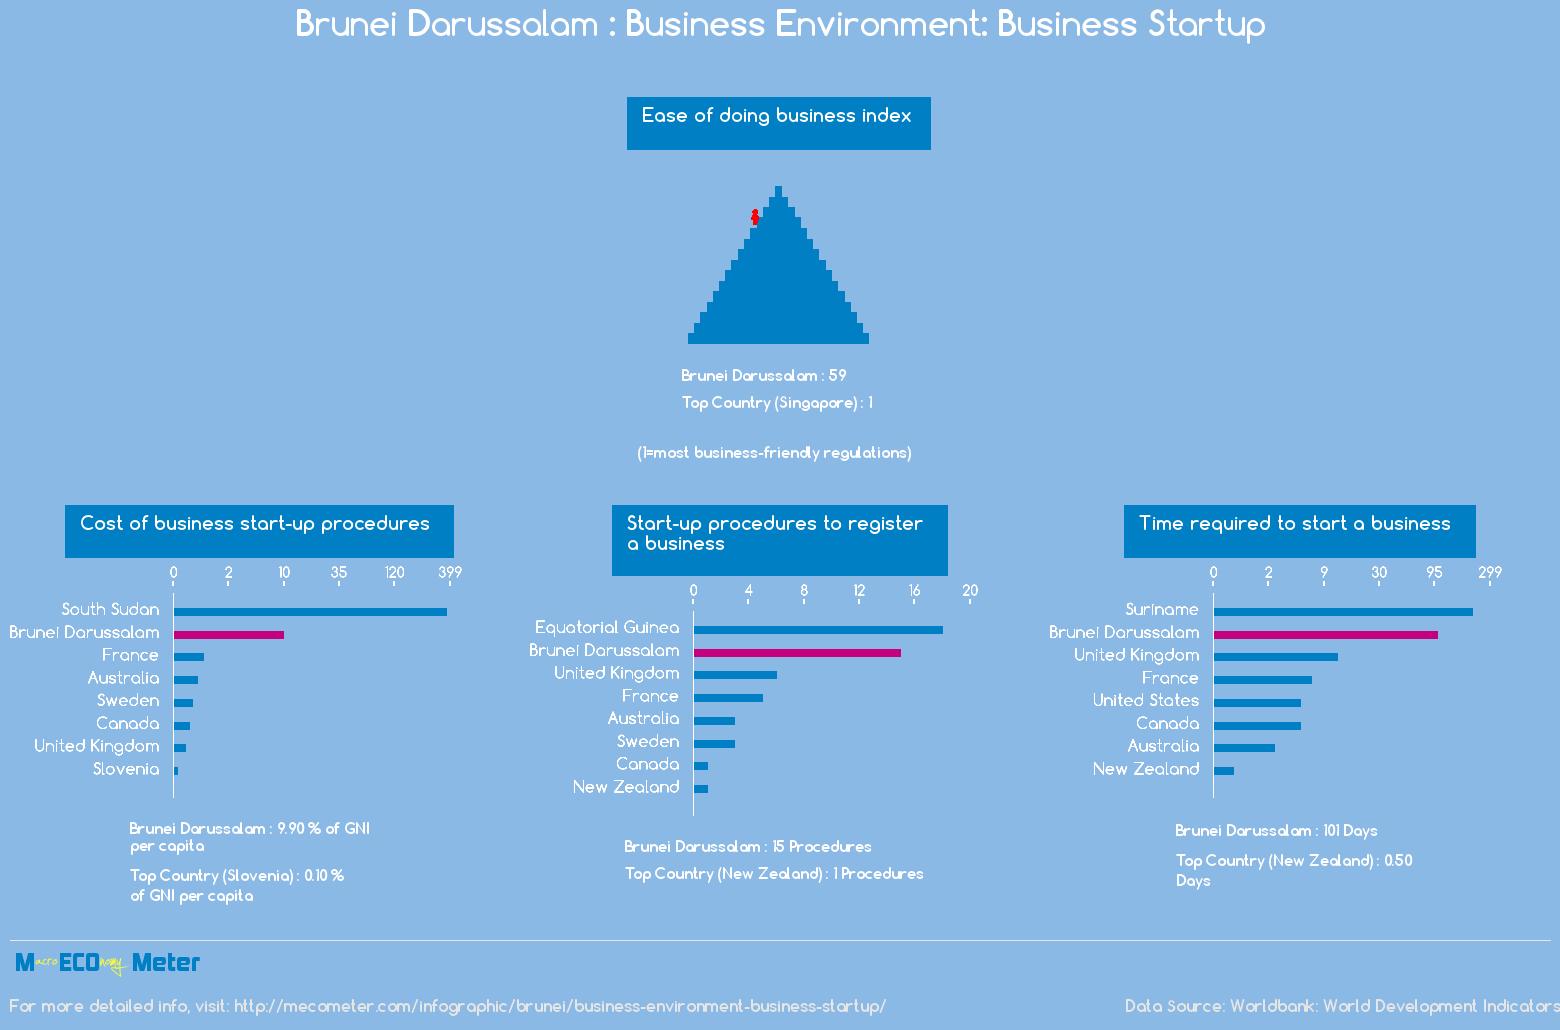 Brunei Darussalam : Business Environment: Business Startup